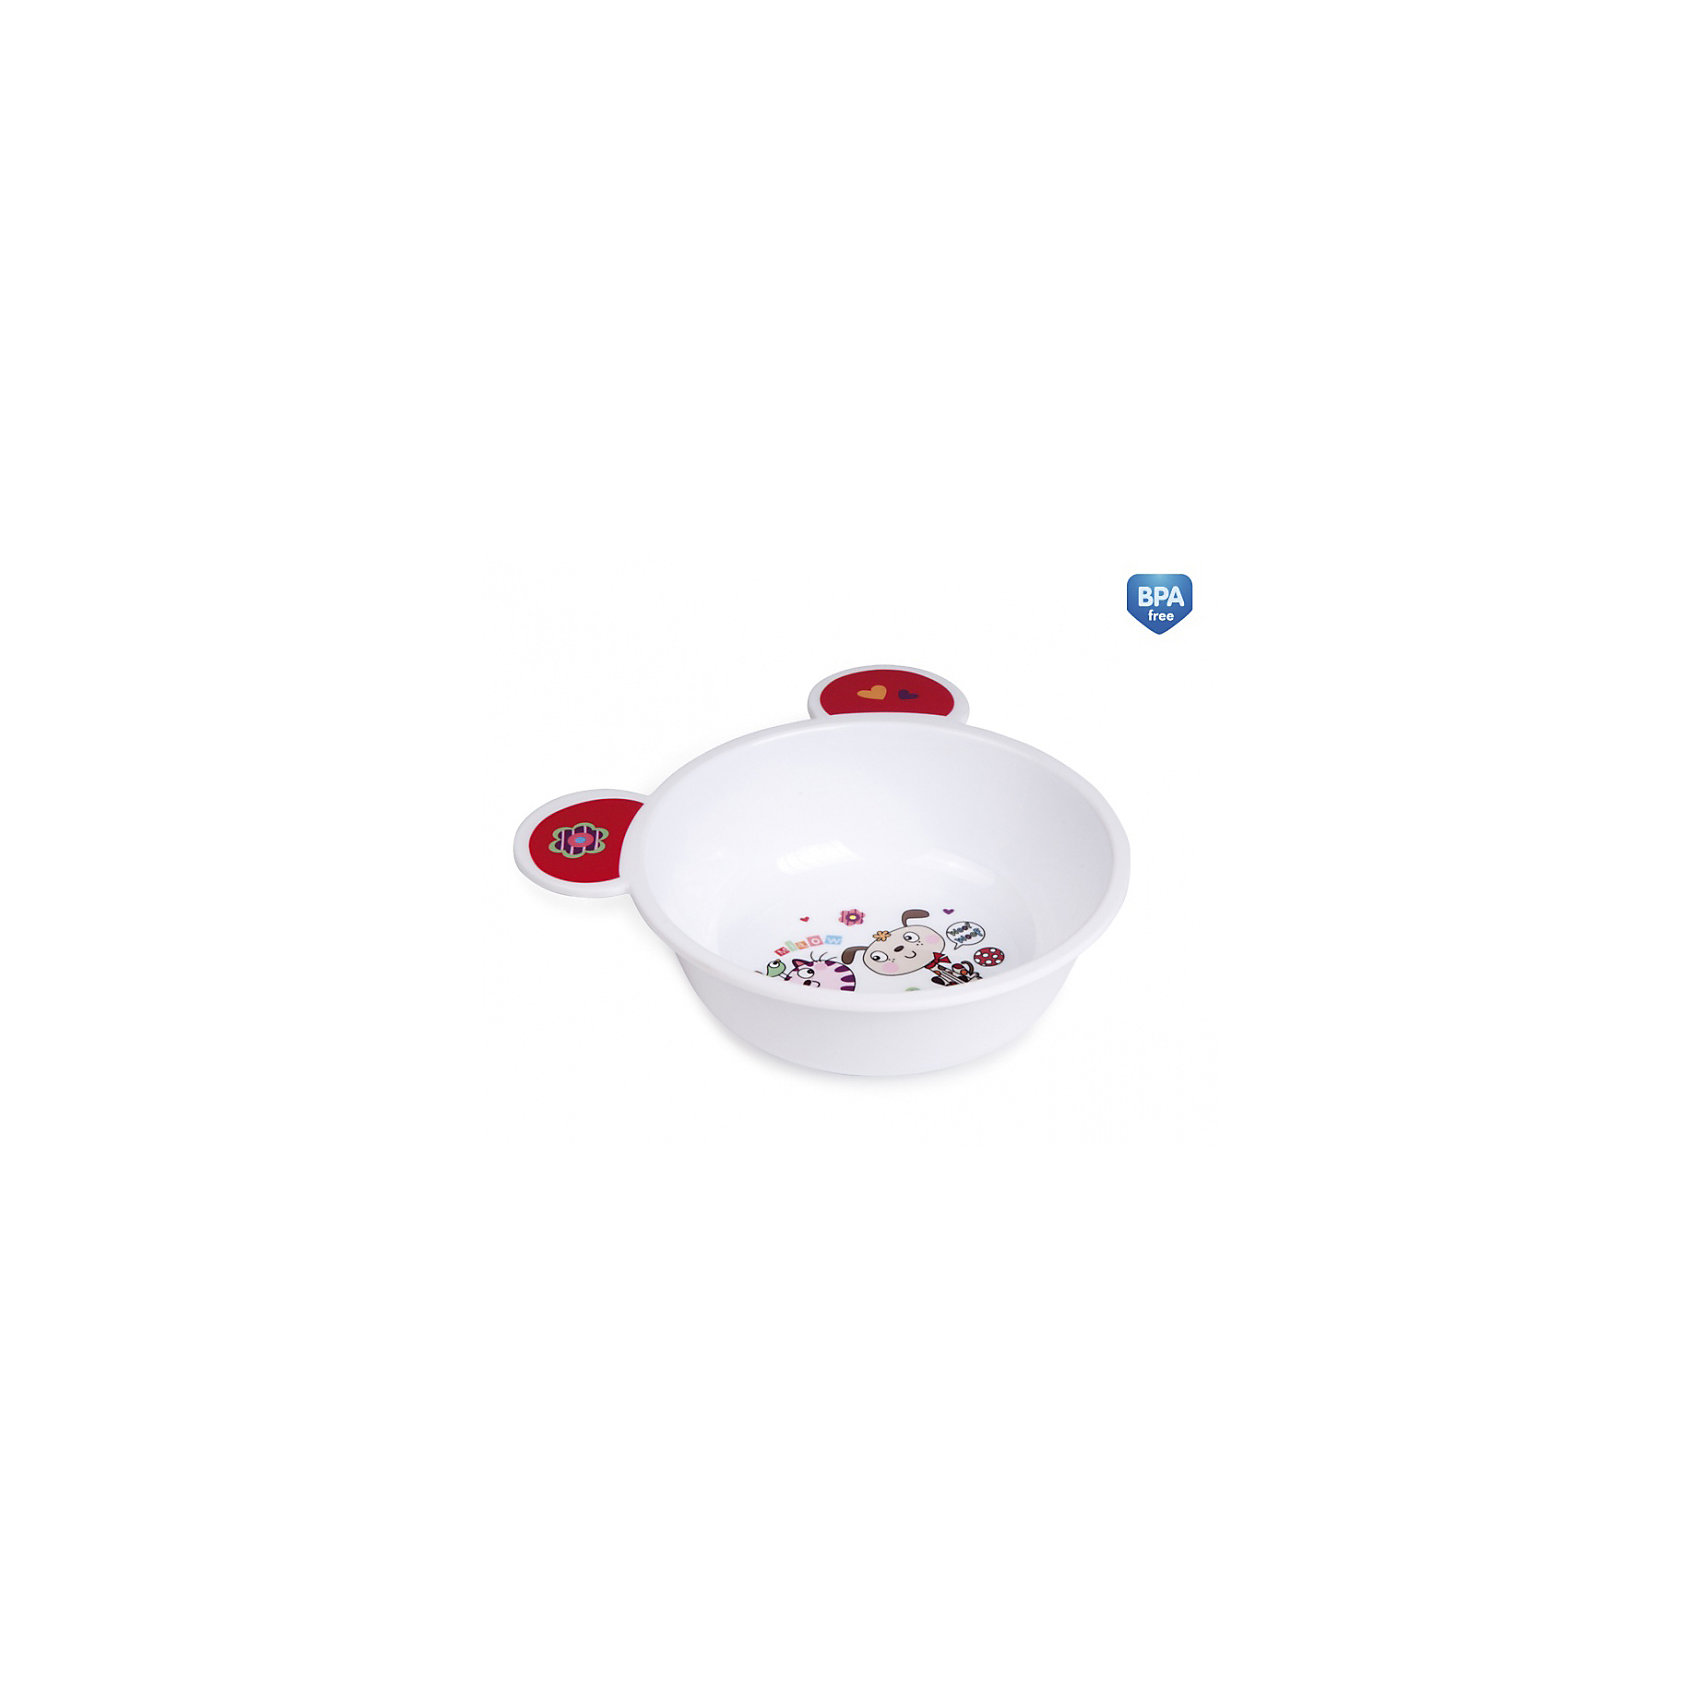 Тарелка с ушами, 270 мл., Canpol Babies, белый/красныйТарелка с ушами Canpol Babies сделает кормление ребенка еще увлекательнее и интереснее! <br>Необычная форма этой красочной тарелки и практичные ушки позволяют удобно держать тарелку во время кормления, приготовления пищи и переноски. Легкая и прочная предназначена для подачи как холодных, так и горячих блюд. <br>Красочные картинки в нескольких привлекательных исполнениях, безусловно, сделают любое кормление более приятным. <br>Тарелочку можно мыть в посудомоечной машине или использовать в микроволновой печи.<br>Дополнительная информация:<br>- Объем: 270 мл. <br>- Антискользящее дно.<br>- Материал: безопасная пластмасса.<br><br>Тарелка с ушами Canpol Babies можно купить в нашем интернет-магазине.<br><br>Ширина мм: 180<br>Глубина мм: 150<br>Высота мм: 55<br>Вес г: 62<br>Возраст от месяцев: 6<br>Возраст до месяцев: 36<br>Пол: Унисекс<br>Возраст: Детский<br>SKU: 3947850